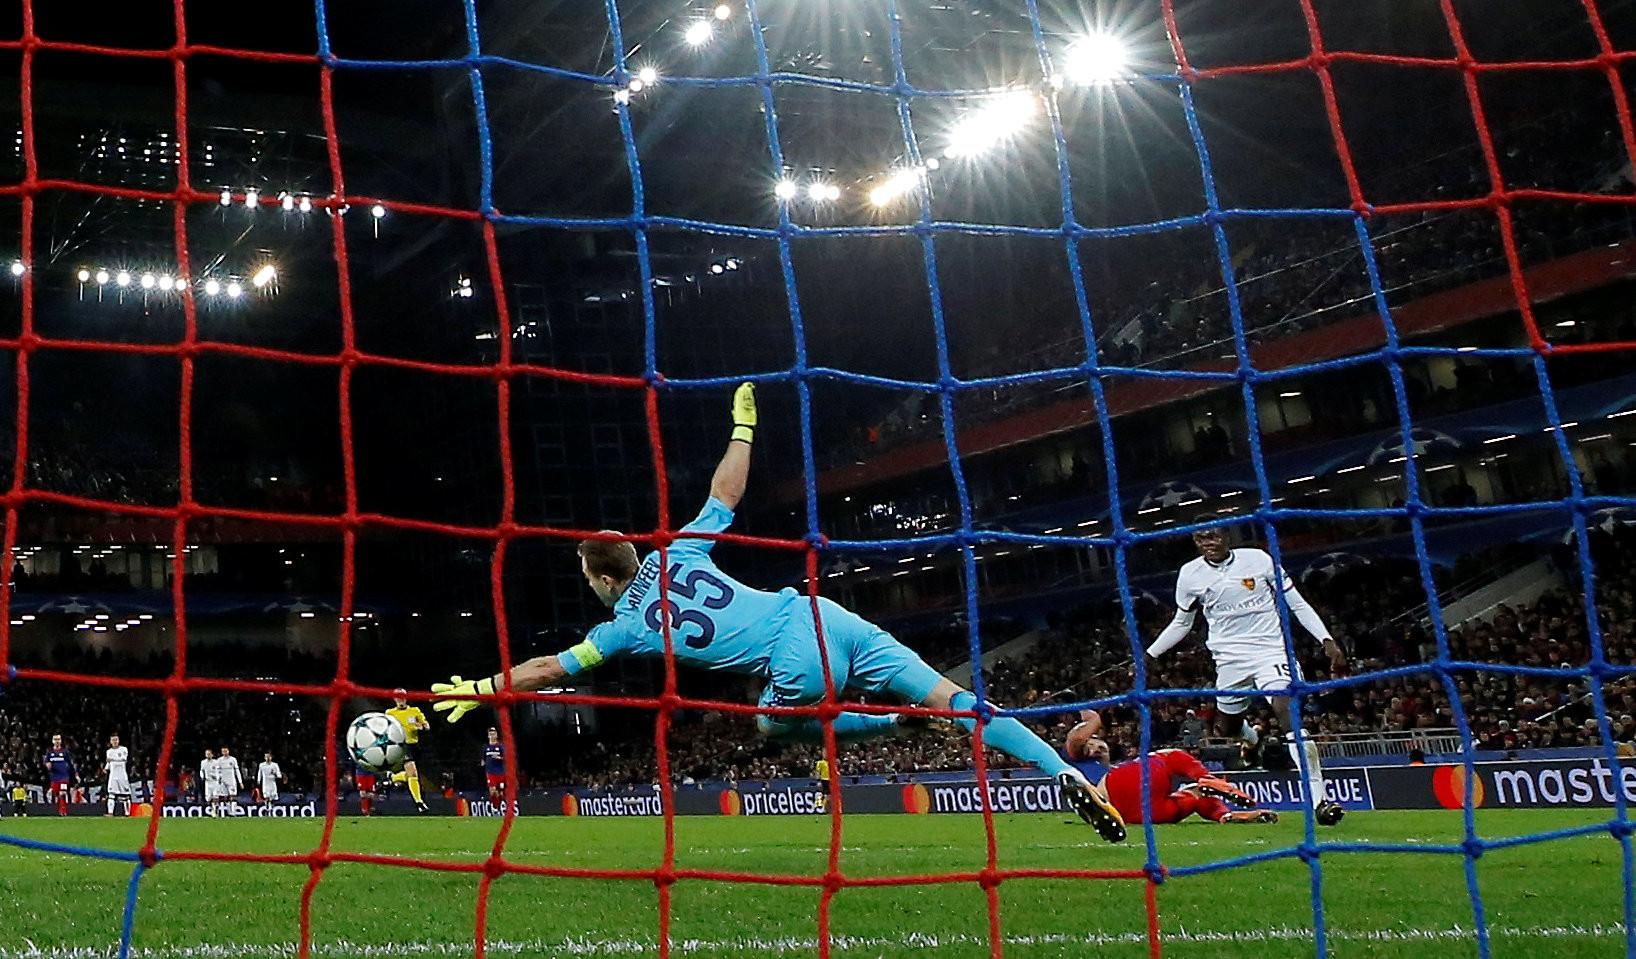 Нулевой вектор: ЦСКА проиграл «Базелю» в Лиге чемпионов, не нанеся ни одного удара в створ ворот соперника